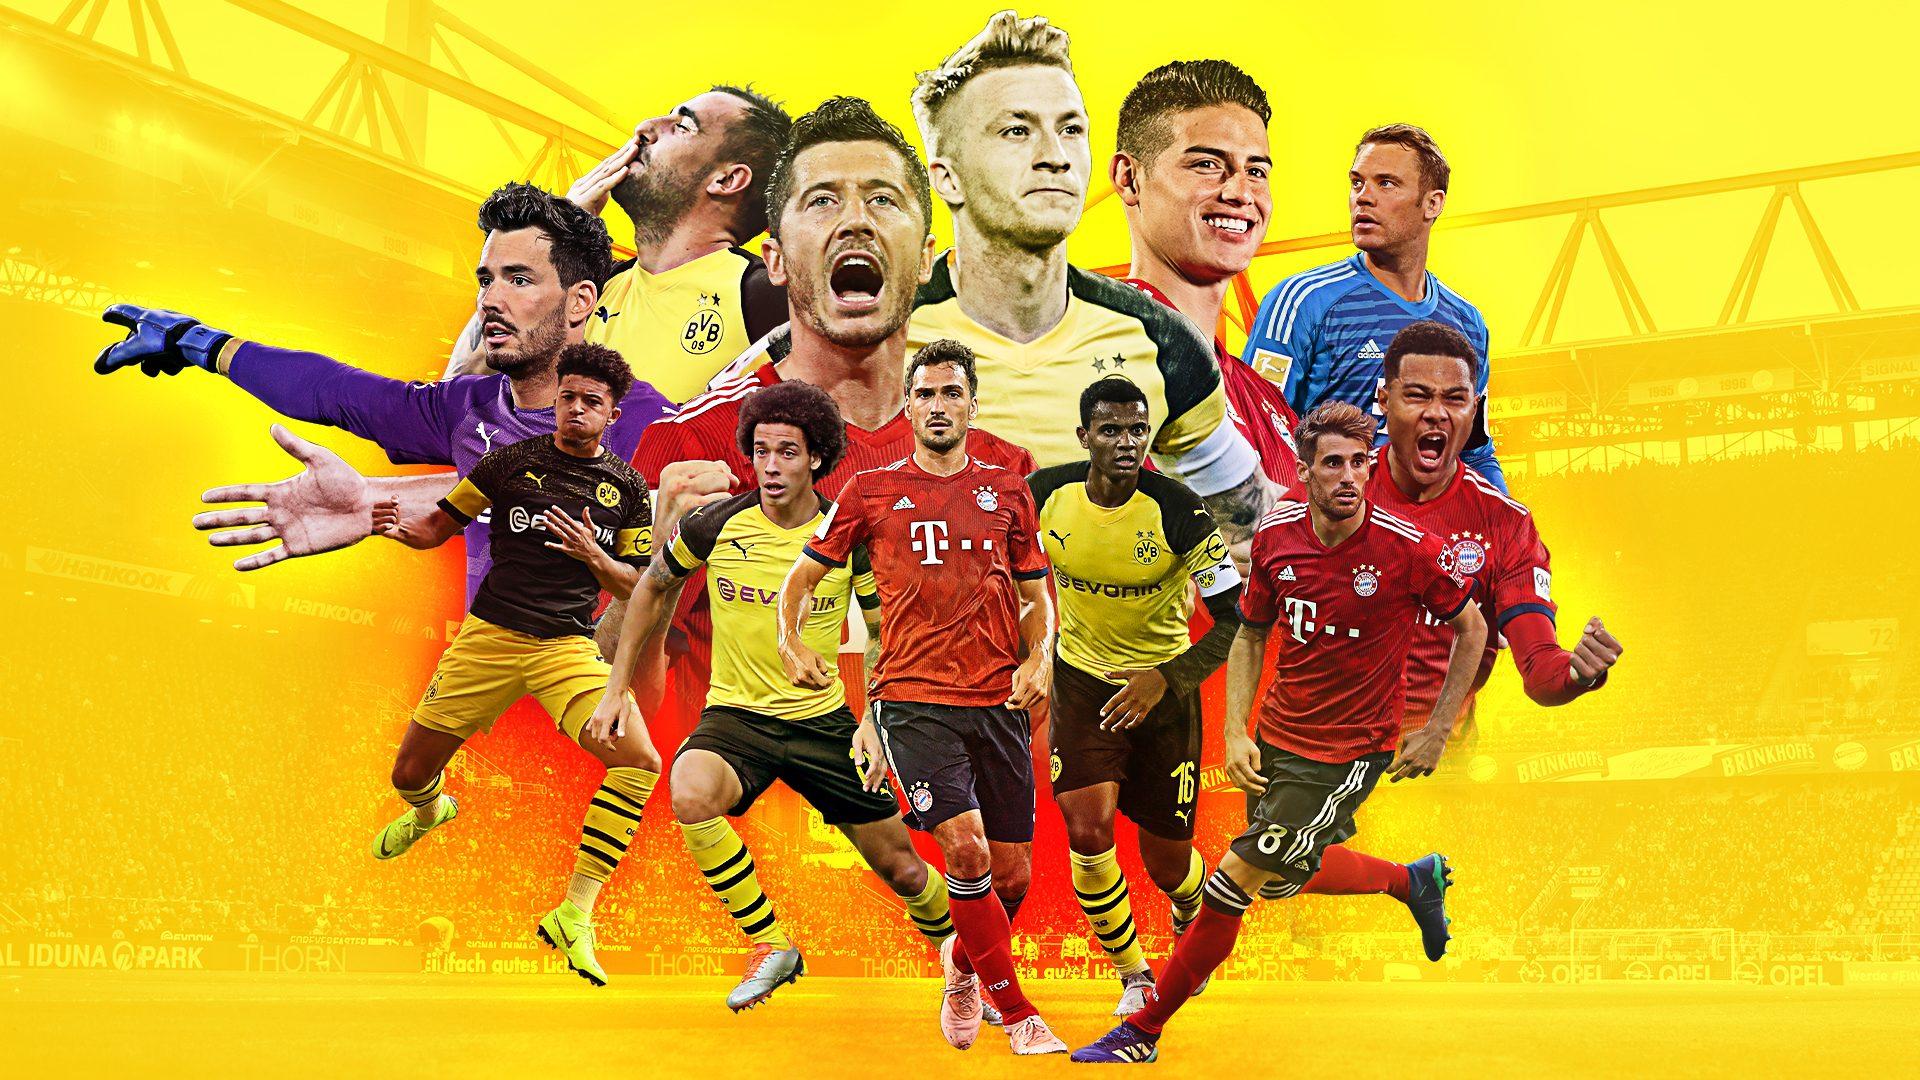 Spannender Titelkampf zwischen BVB und FCB